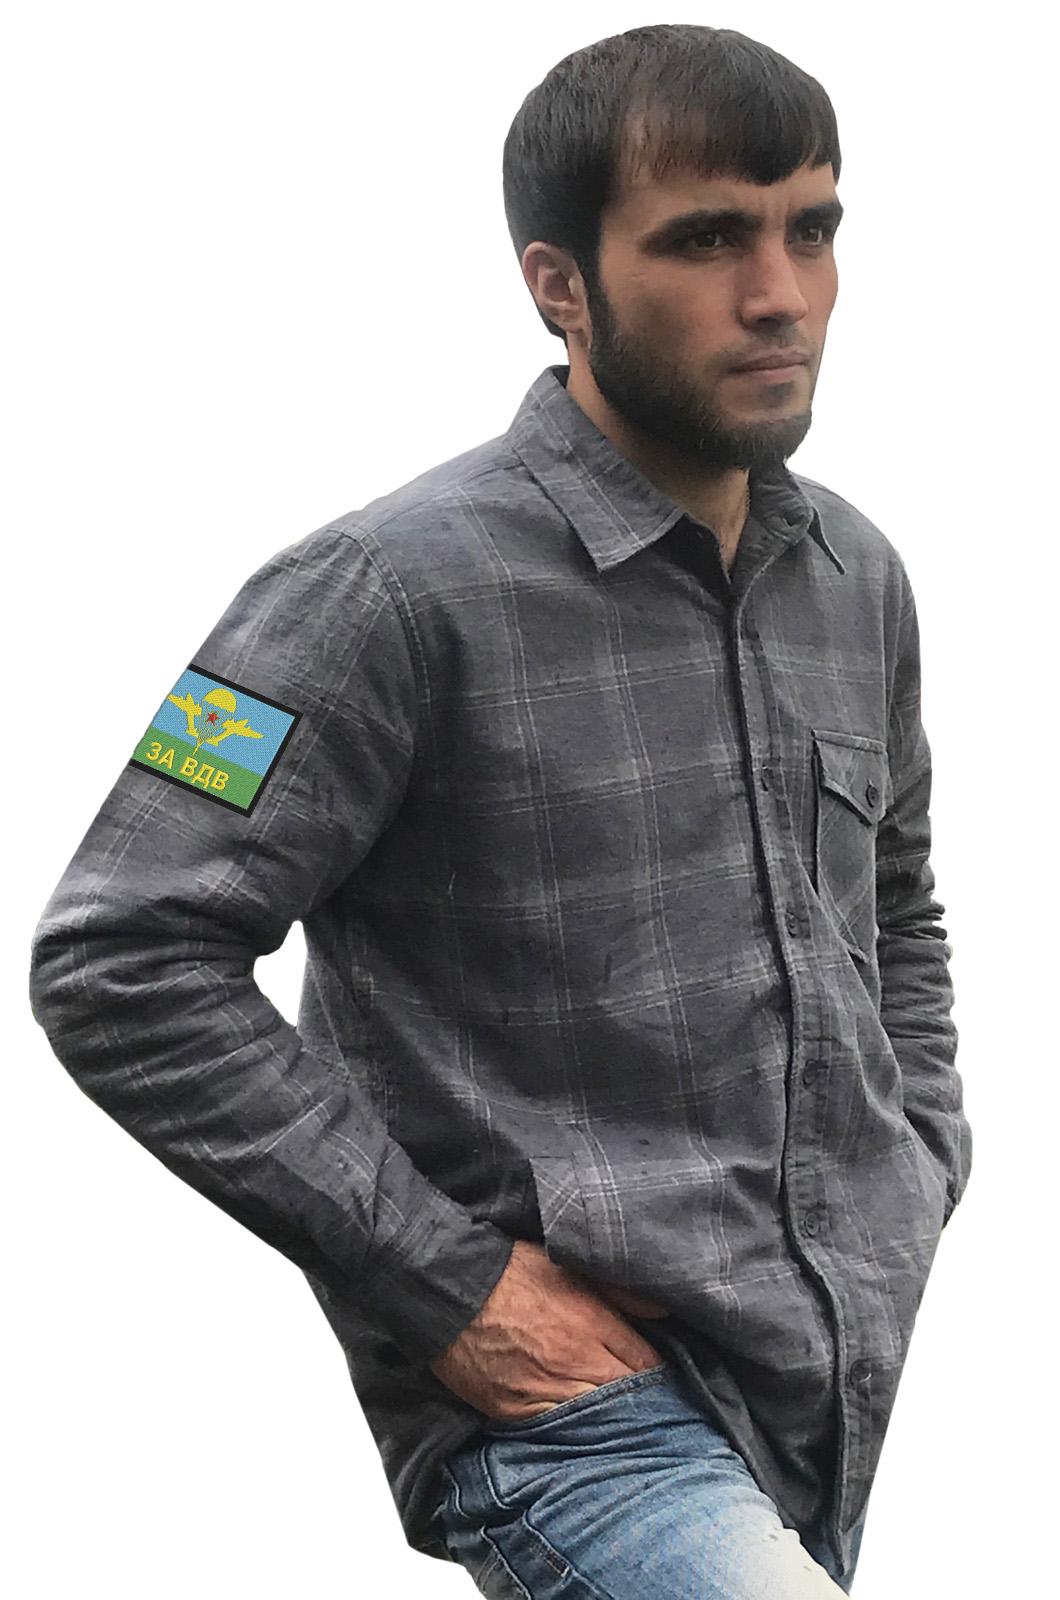 Практичная серая рубашка с вышитым шевроном За ВДВ